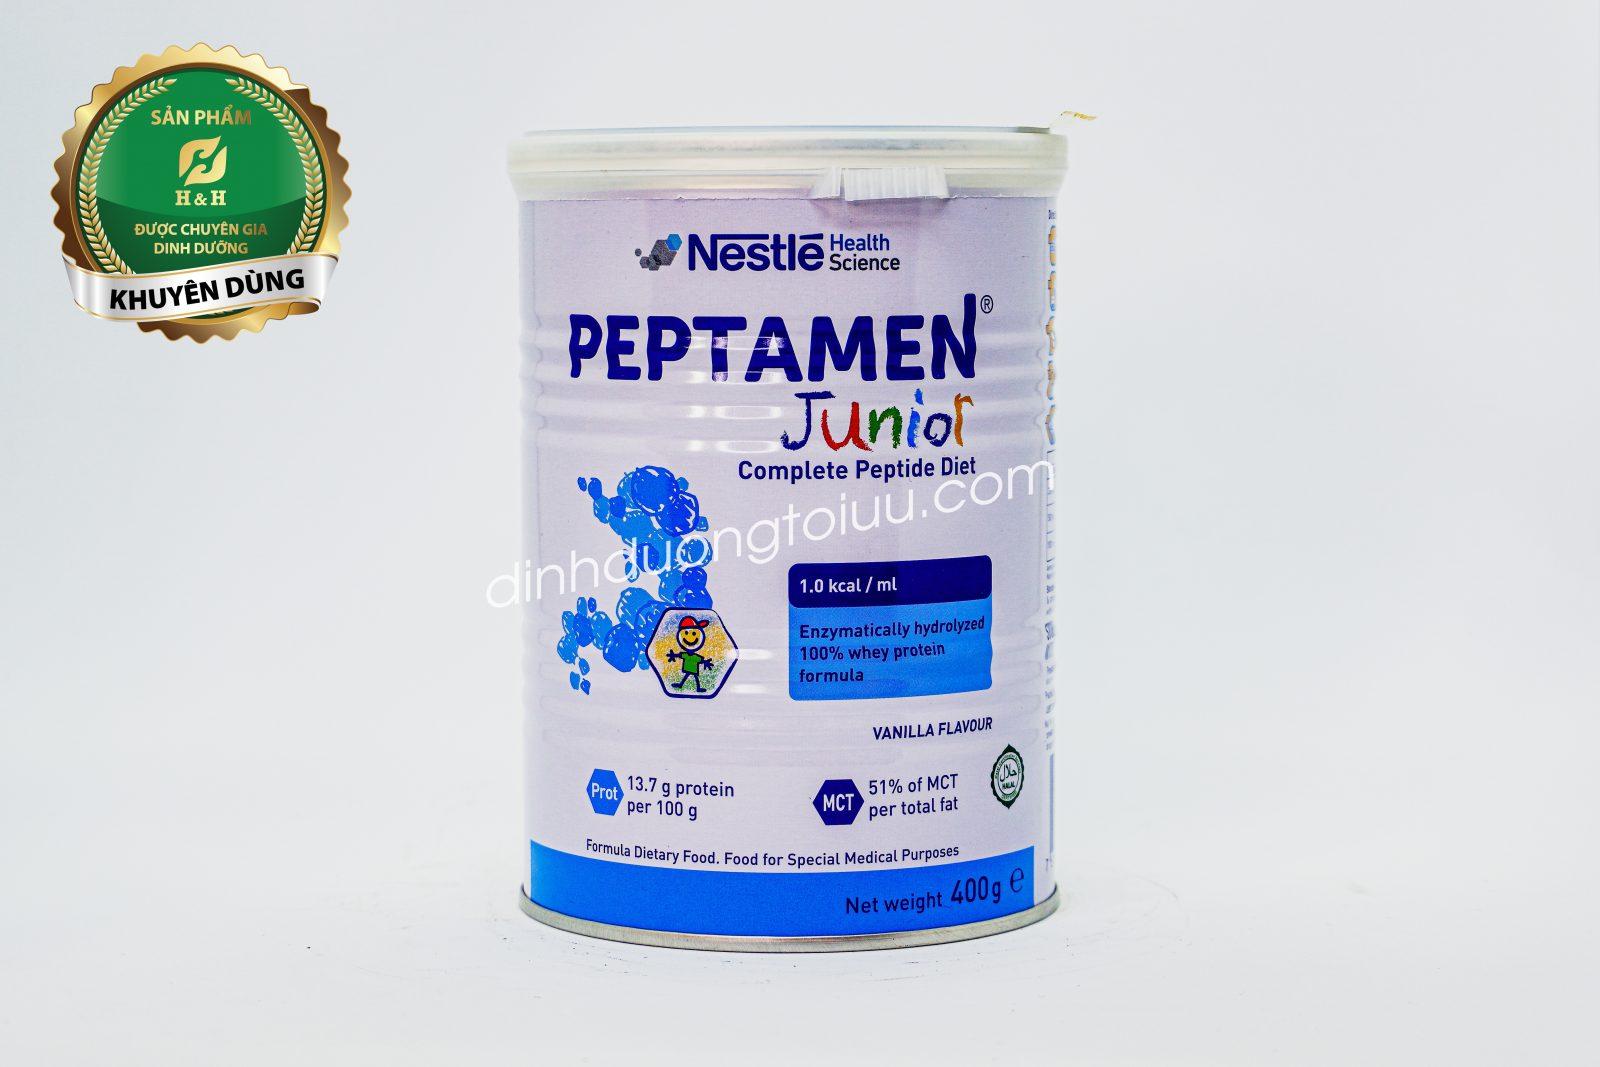 Sữa Peptamen Junior 400g - Dinh dưỡng cho trẻ kém hấp thu